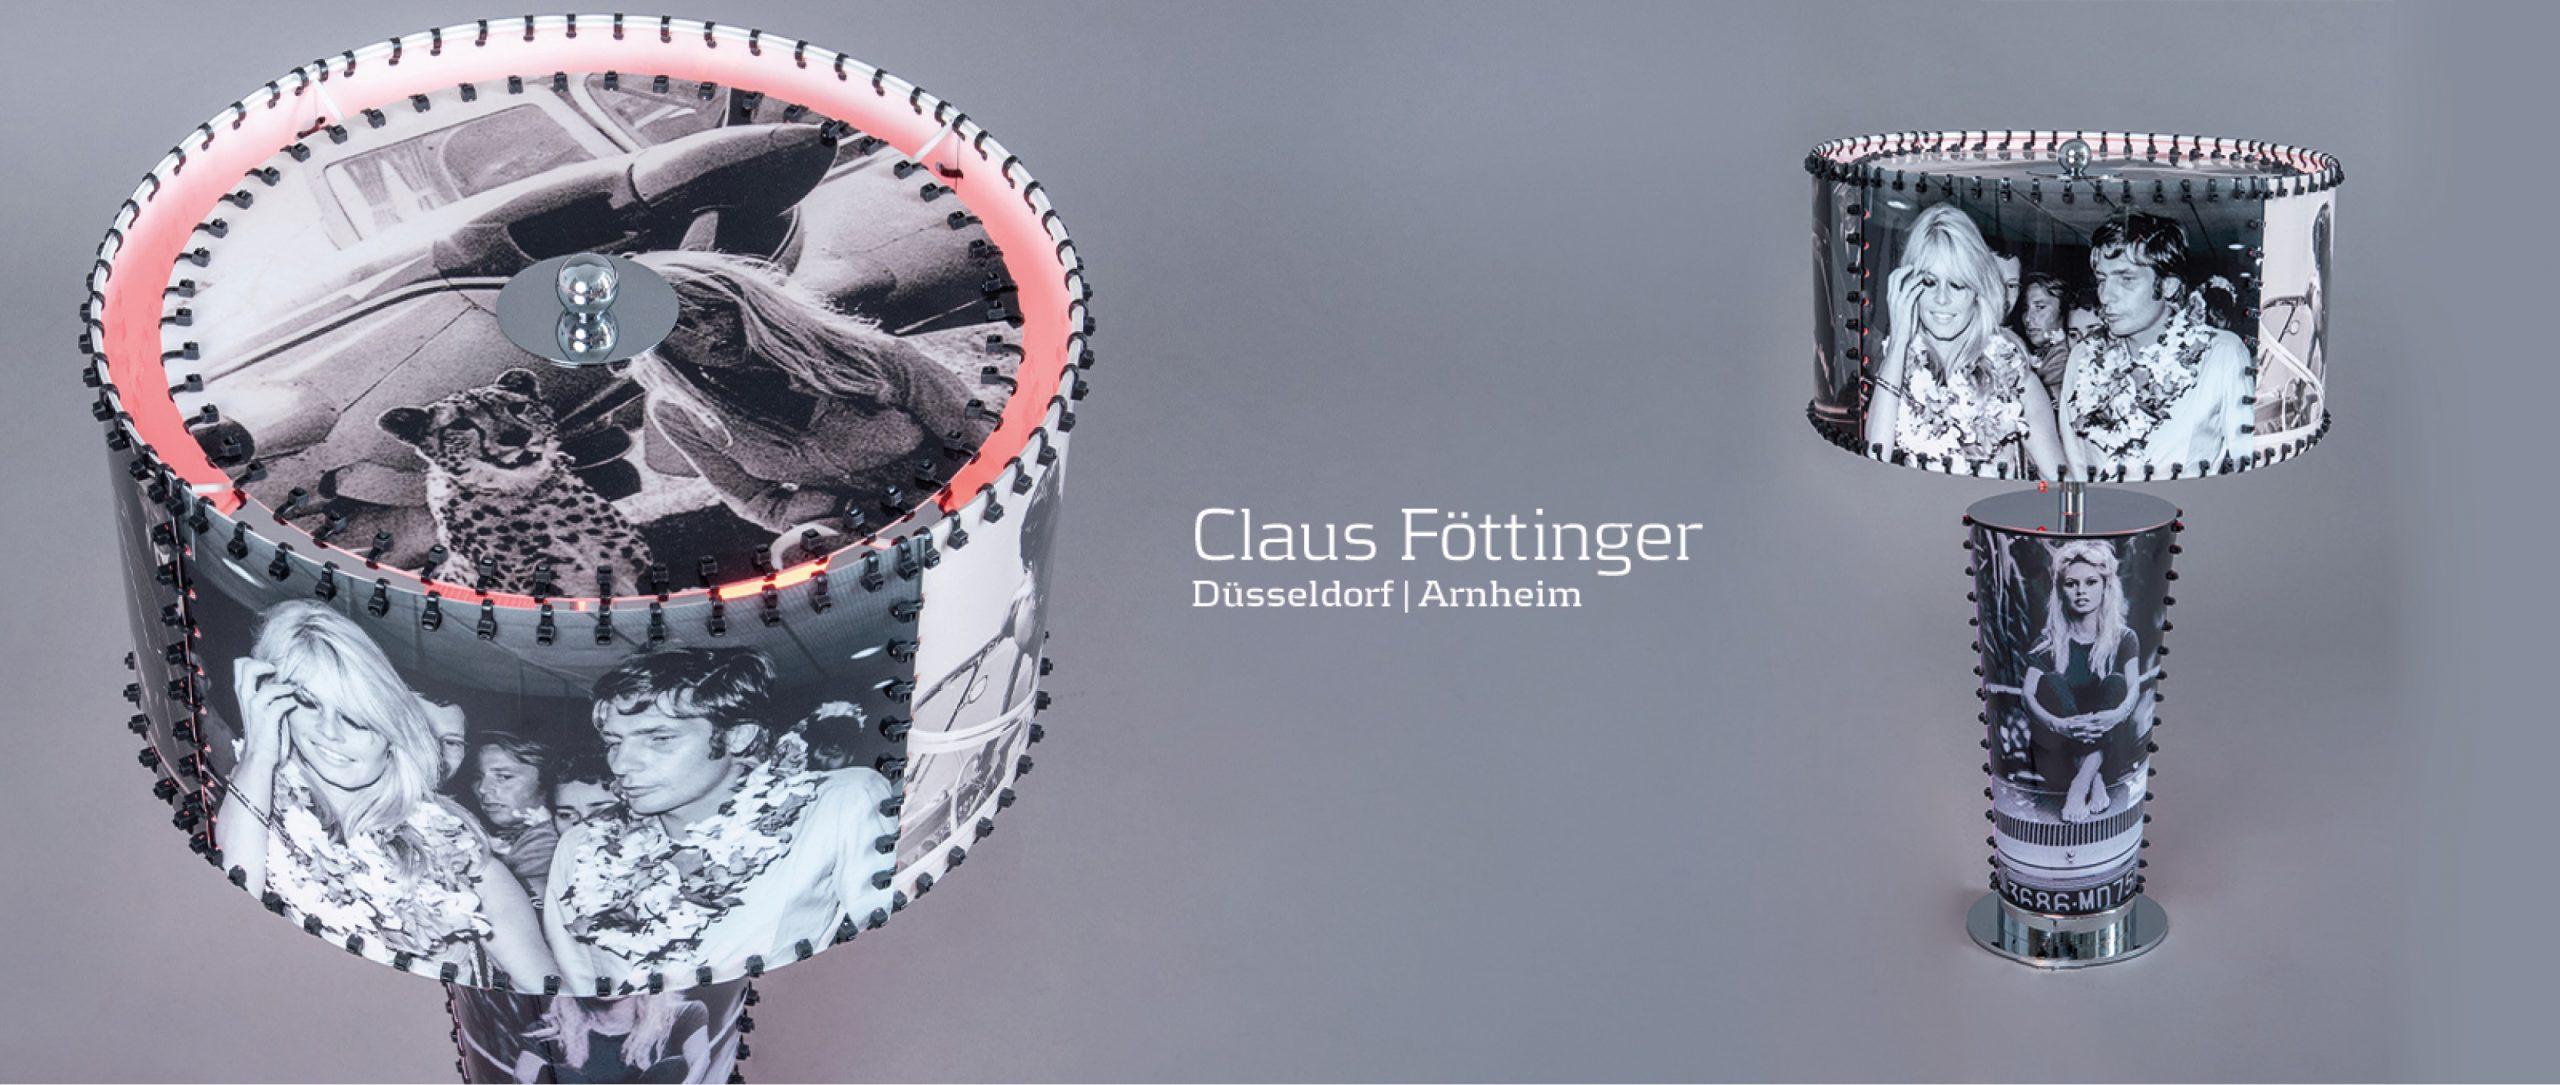 Webslider_Claus_Föttinger_Fitzlicht